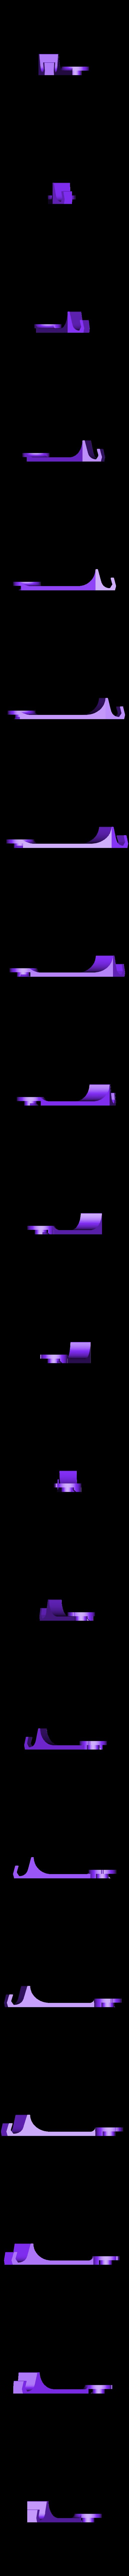 upper_foot.stl Télécharger fichier STL gratuit Stand imprimé iPad 3d • Plan pour imprimante 3D, theveel